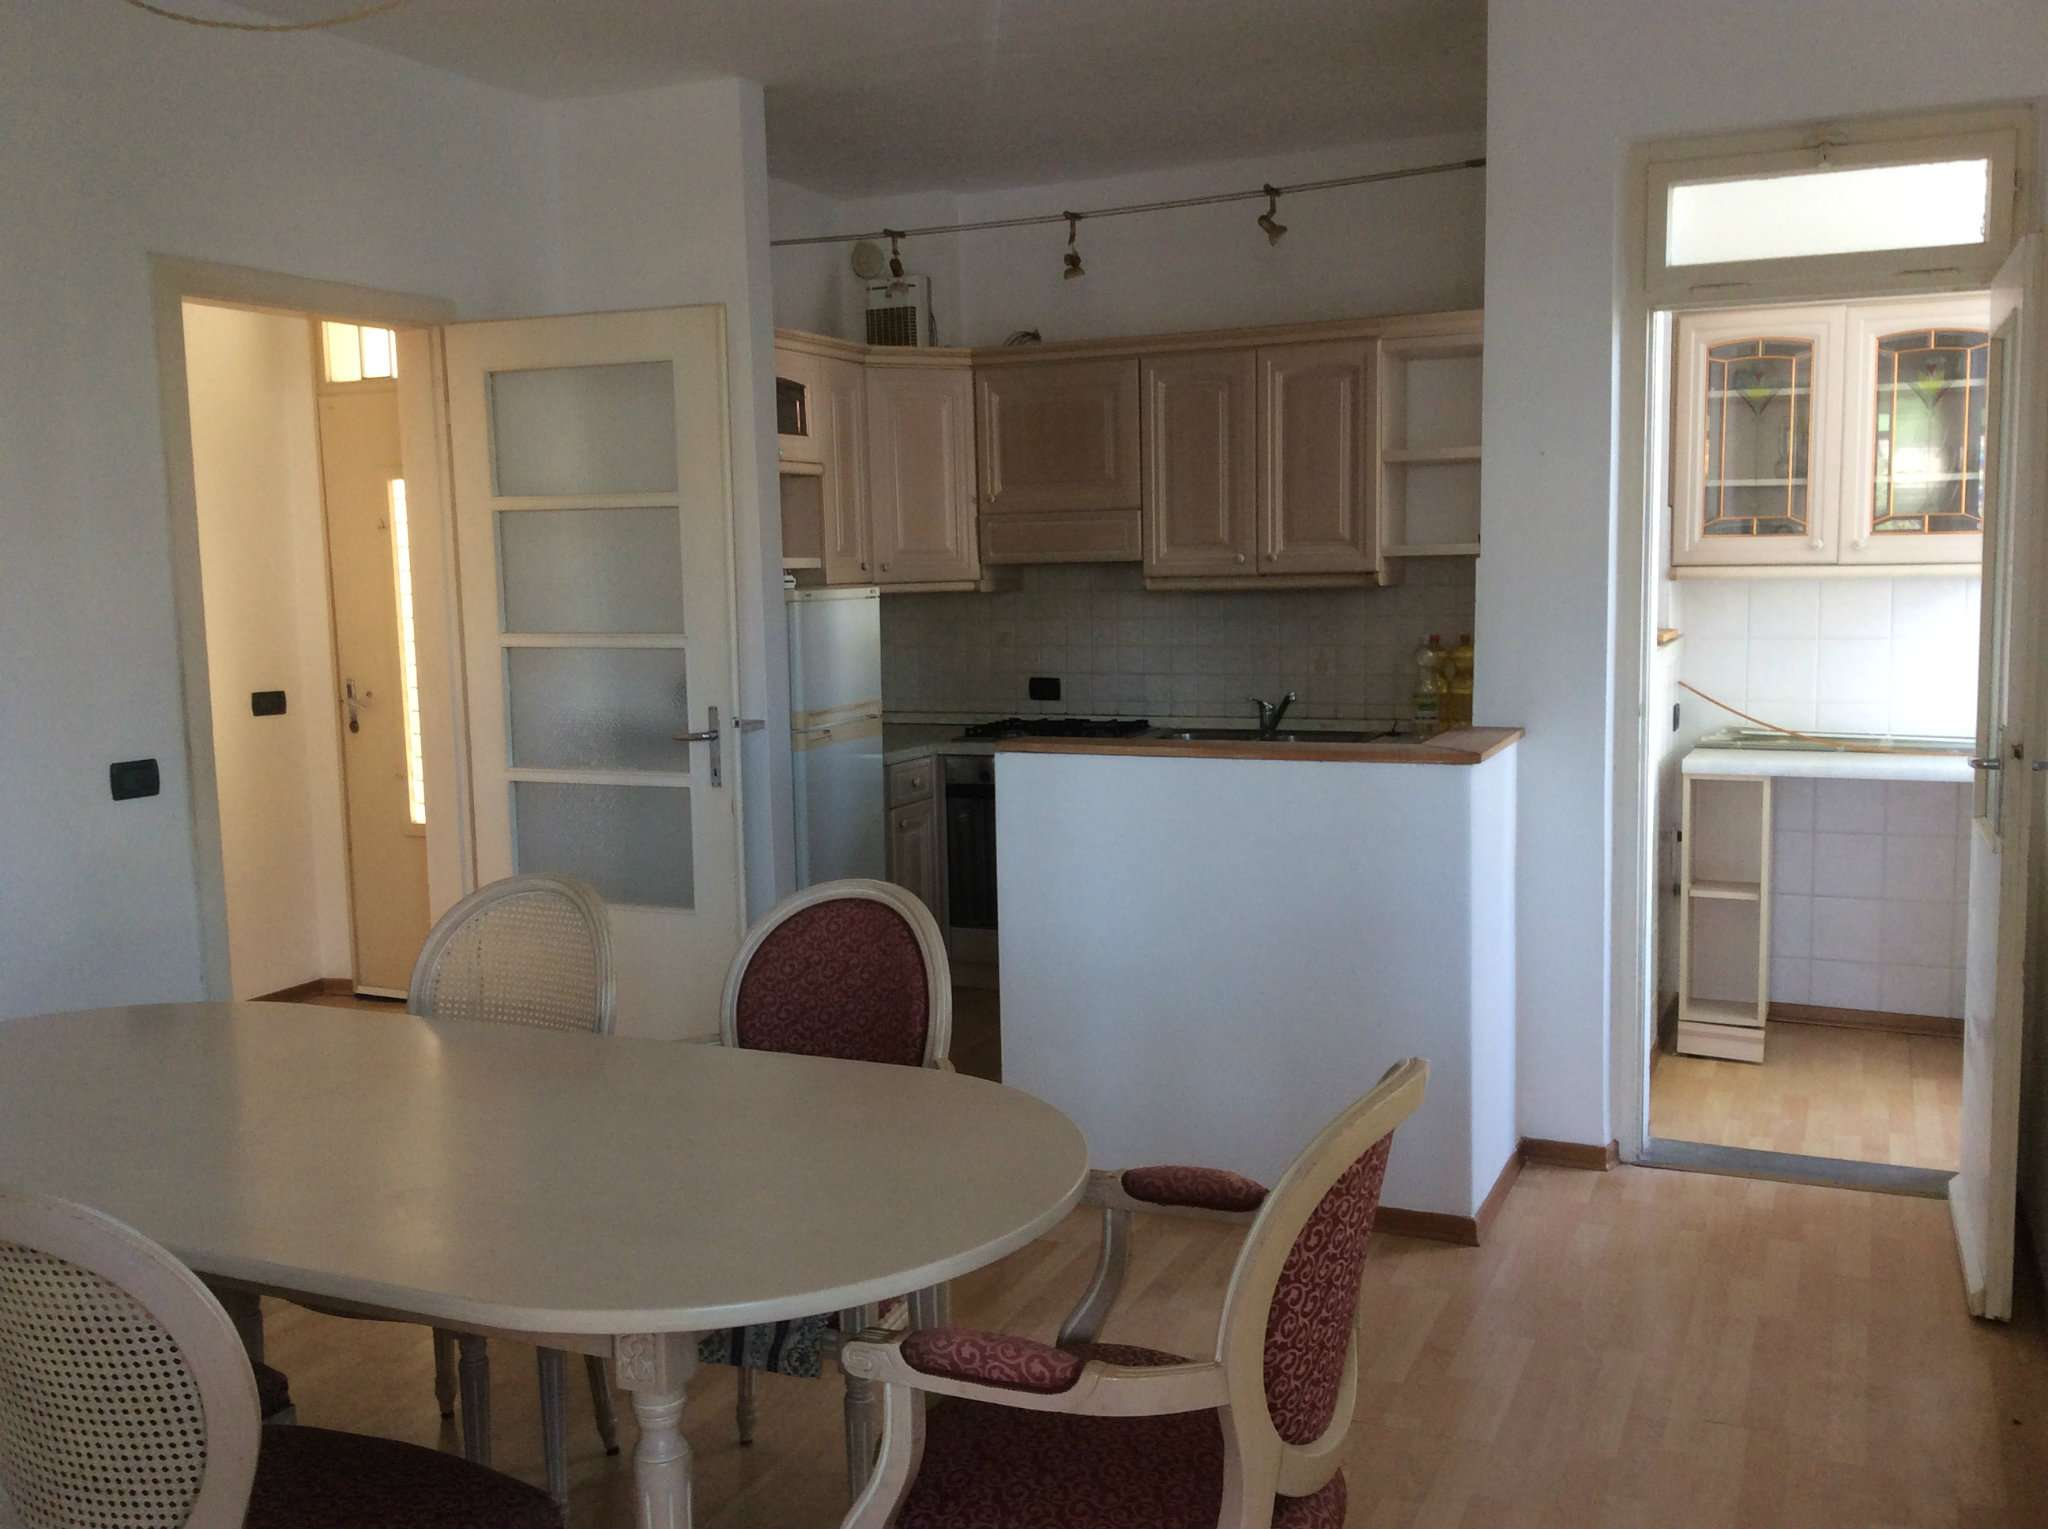 Appartamento in vendita a Cividale del Friuli, 4 locali, prezzo € 67.000   CambioCasa.it